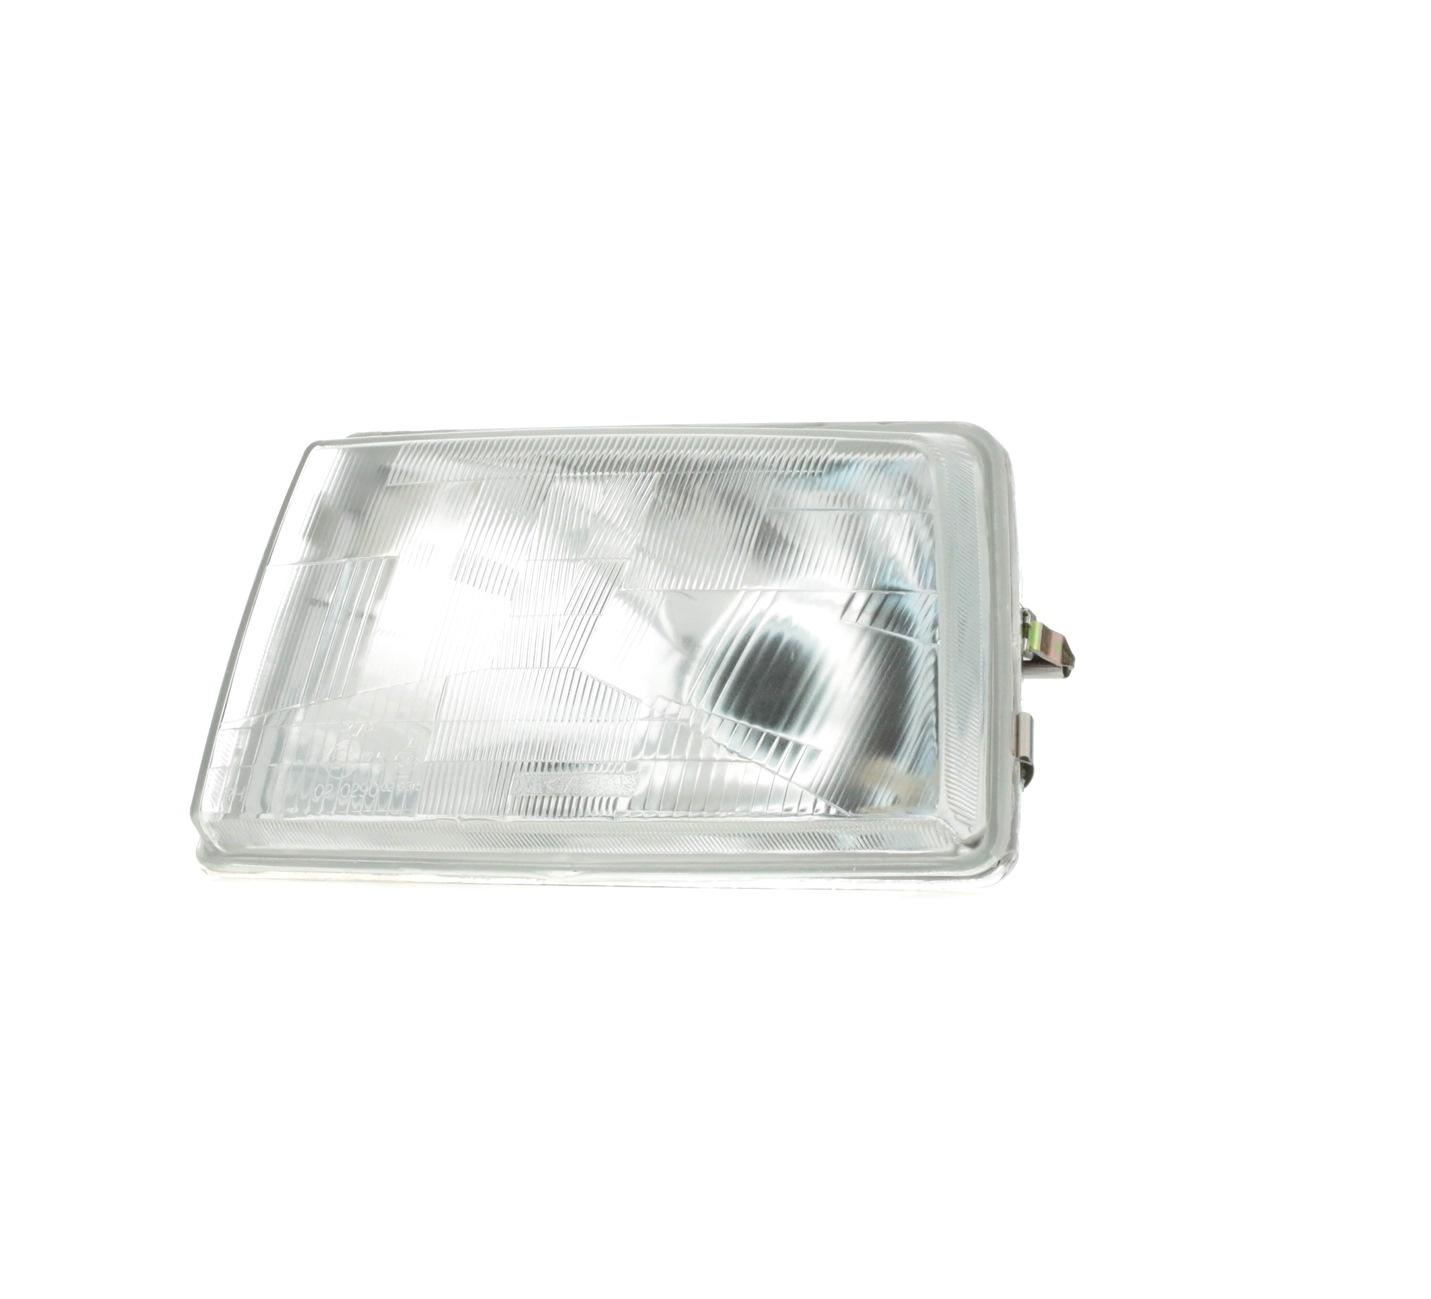 TYC: Original Scheinwerfer Set 20-3431-05-2 (Fahrzeugausstattung: für Fahrzeuge mit Leuchtweiteregelung (mechanisch))